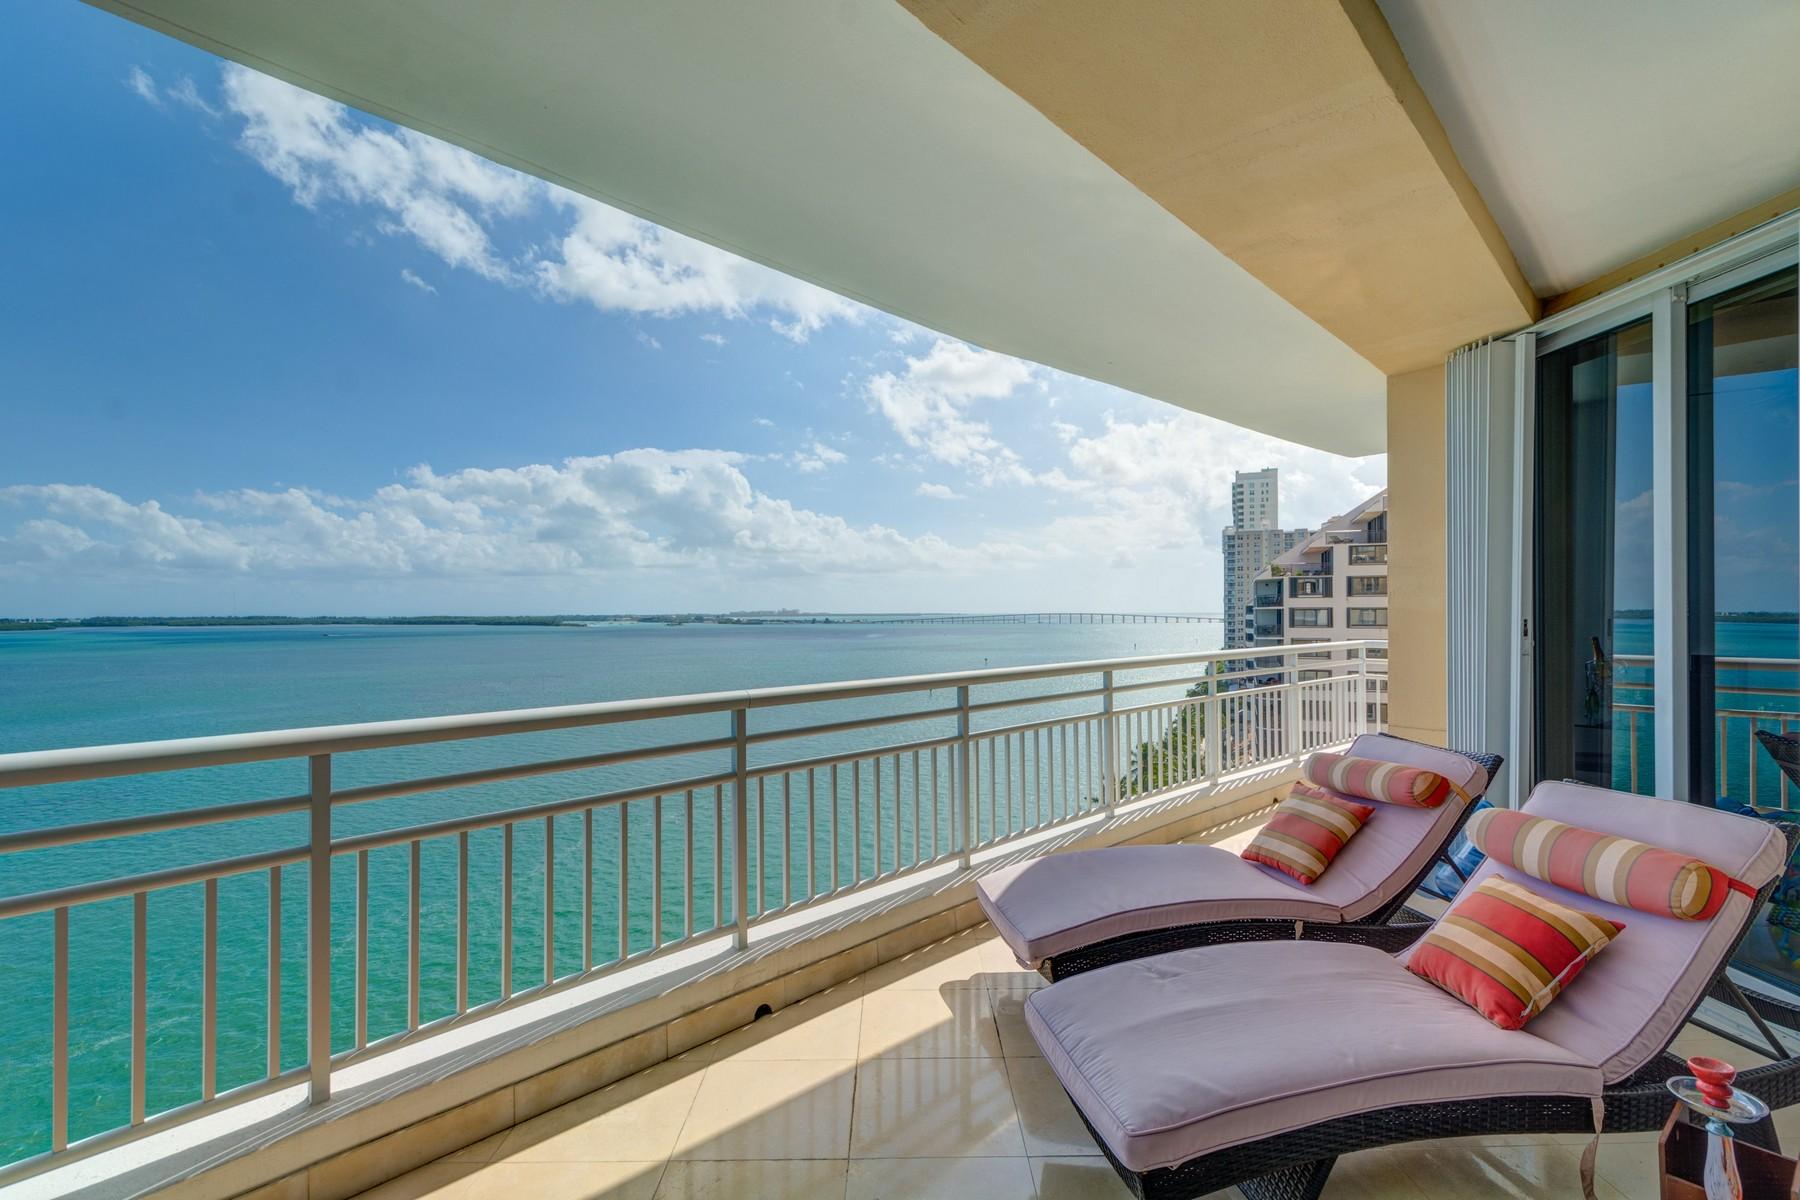 共管式独立产权公寓 为 销售 在 808 Brickell Key Dr #1104 808 Brickell Key Dr 1104 迈阿密, 佛罗里达州, 33131 美国